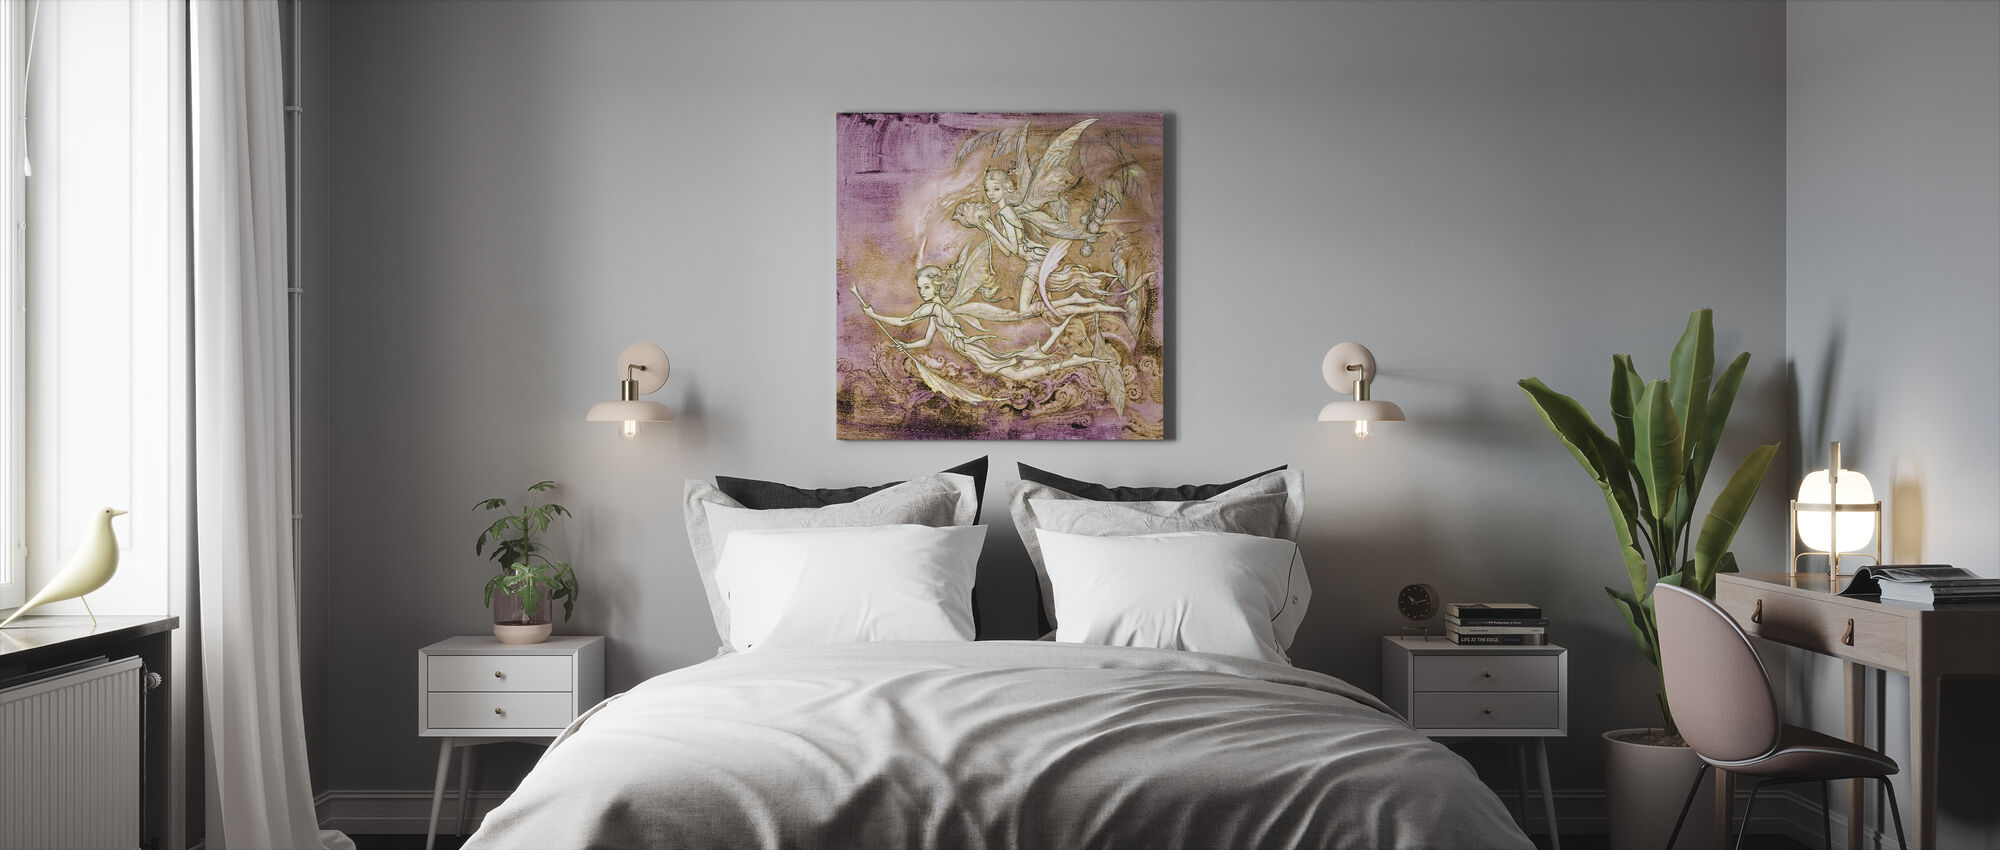 Hadas - Canvas print - Bedroom